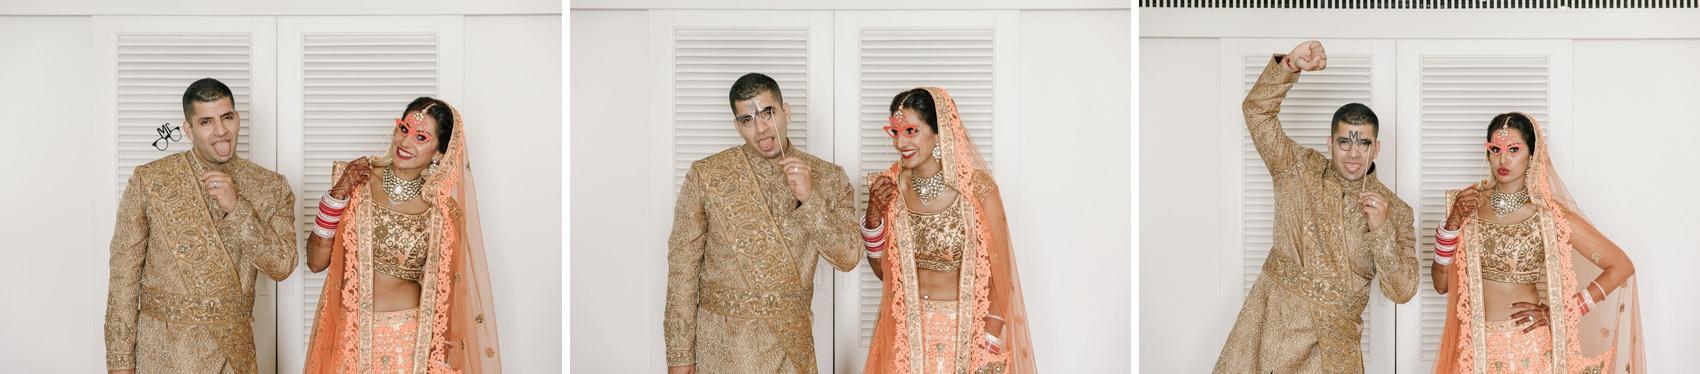 Indian-Wedding-Photography-Maala-Rohan_0266